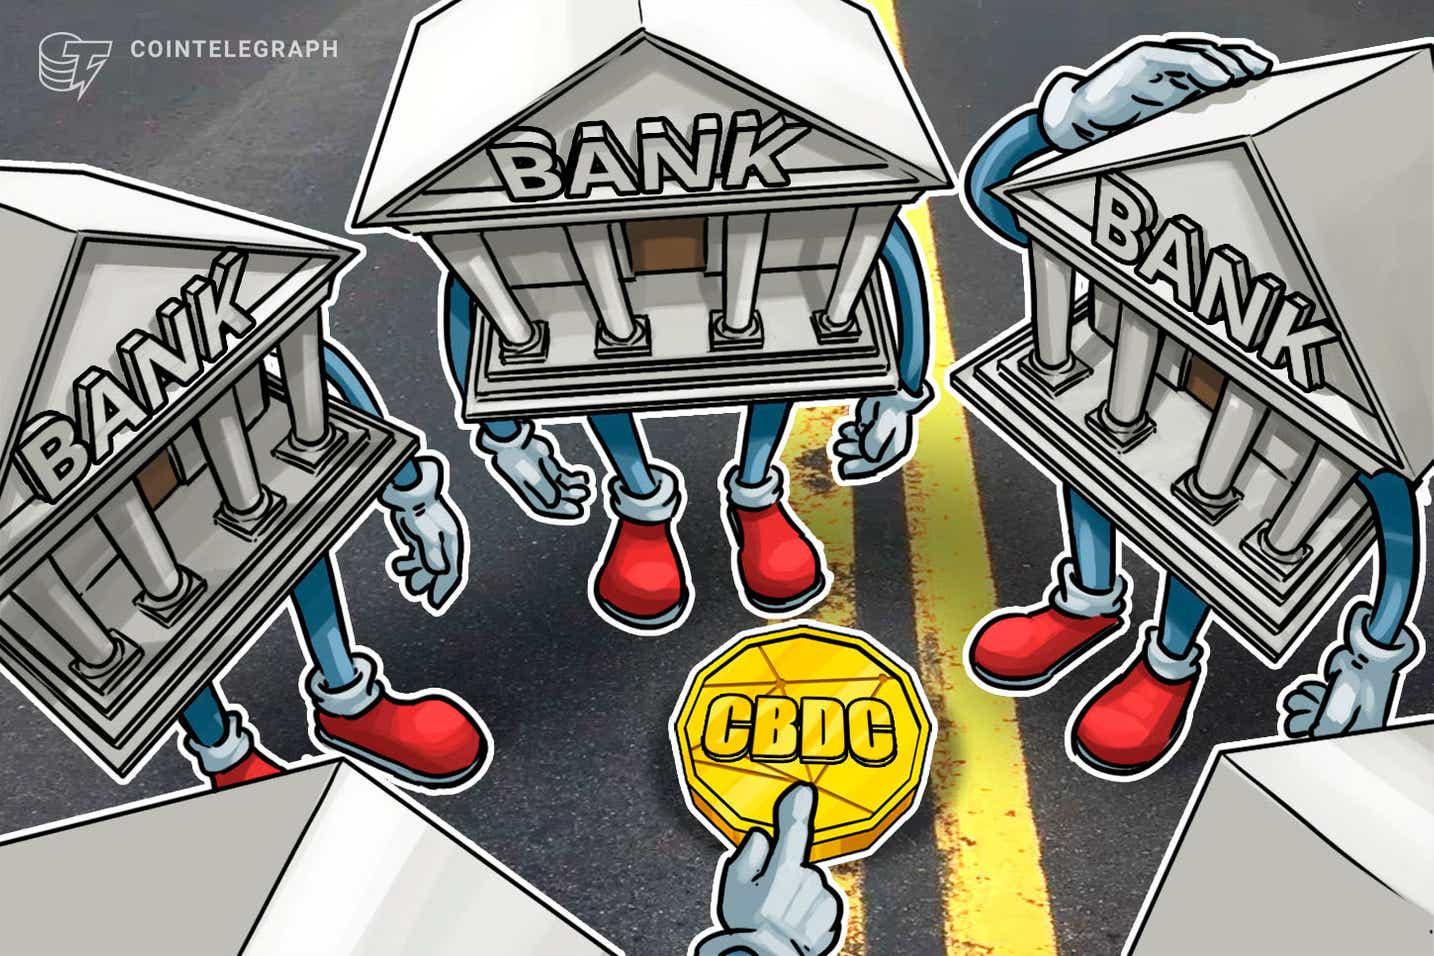 Die Staats- und Regierungschefs der G7 geben Richtlinien für die digitale Währung der Zentralbank heraus